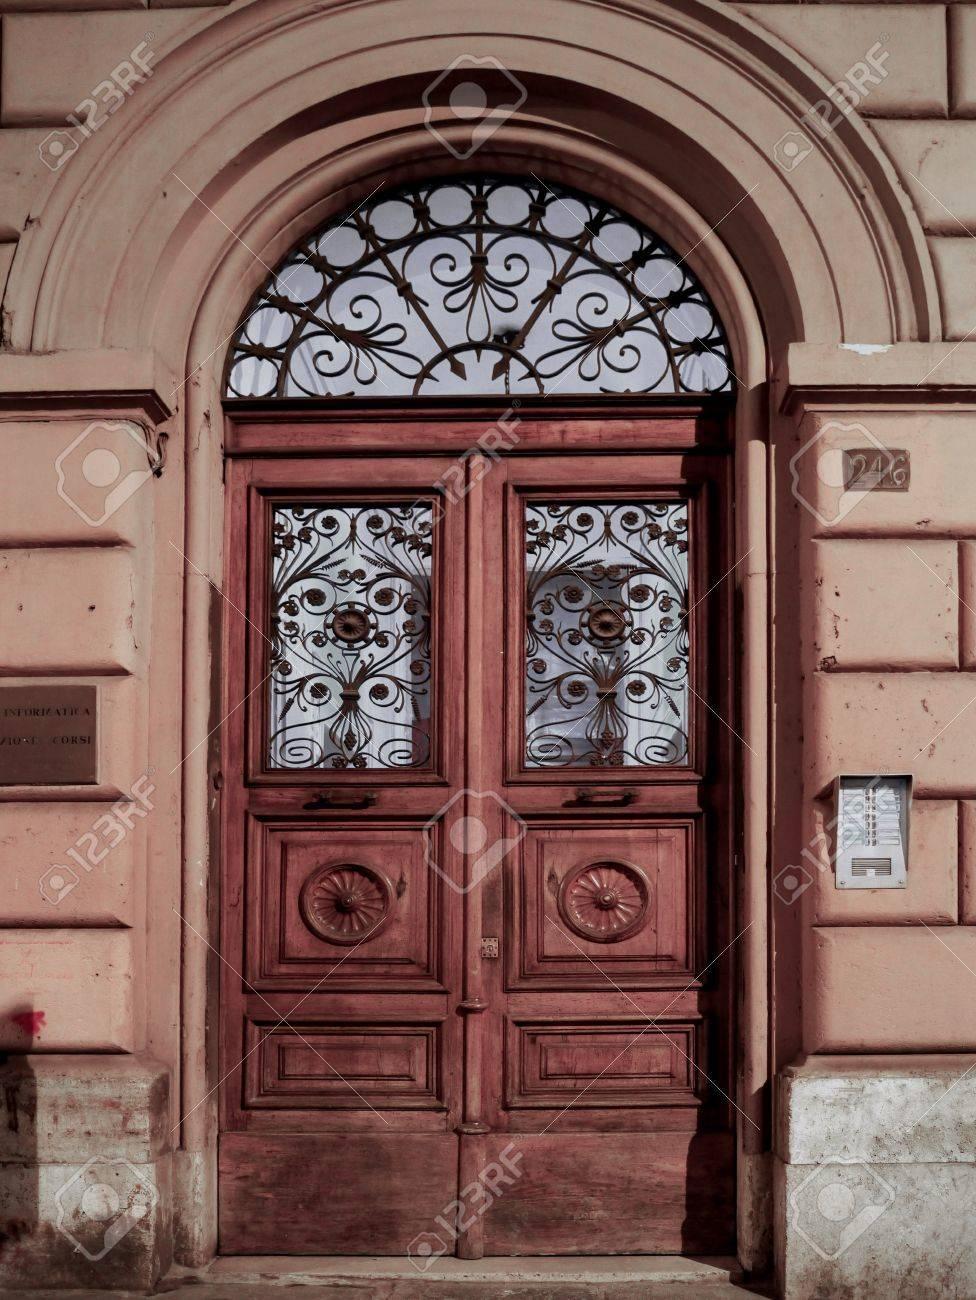 Apartment Building Door rome, italy, october 2011 - wooden double door of old apartment